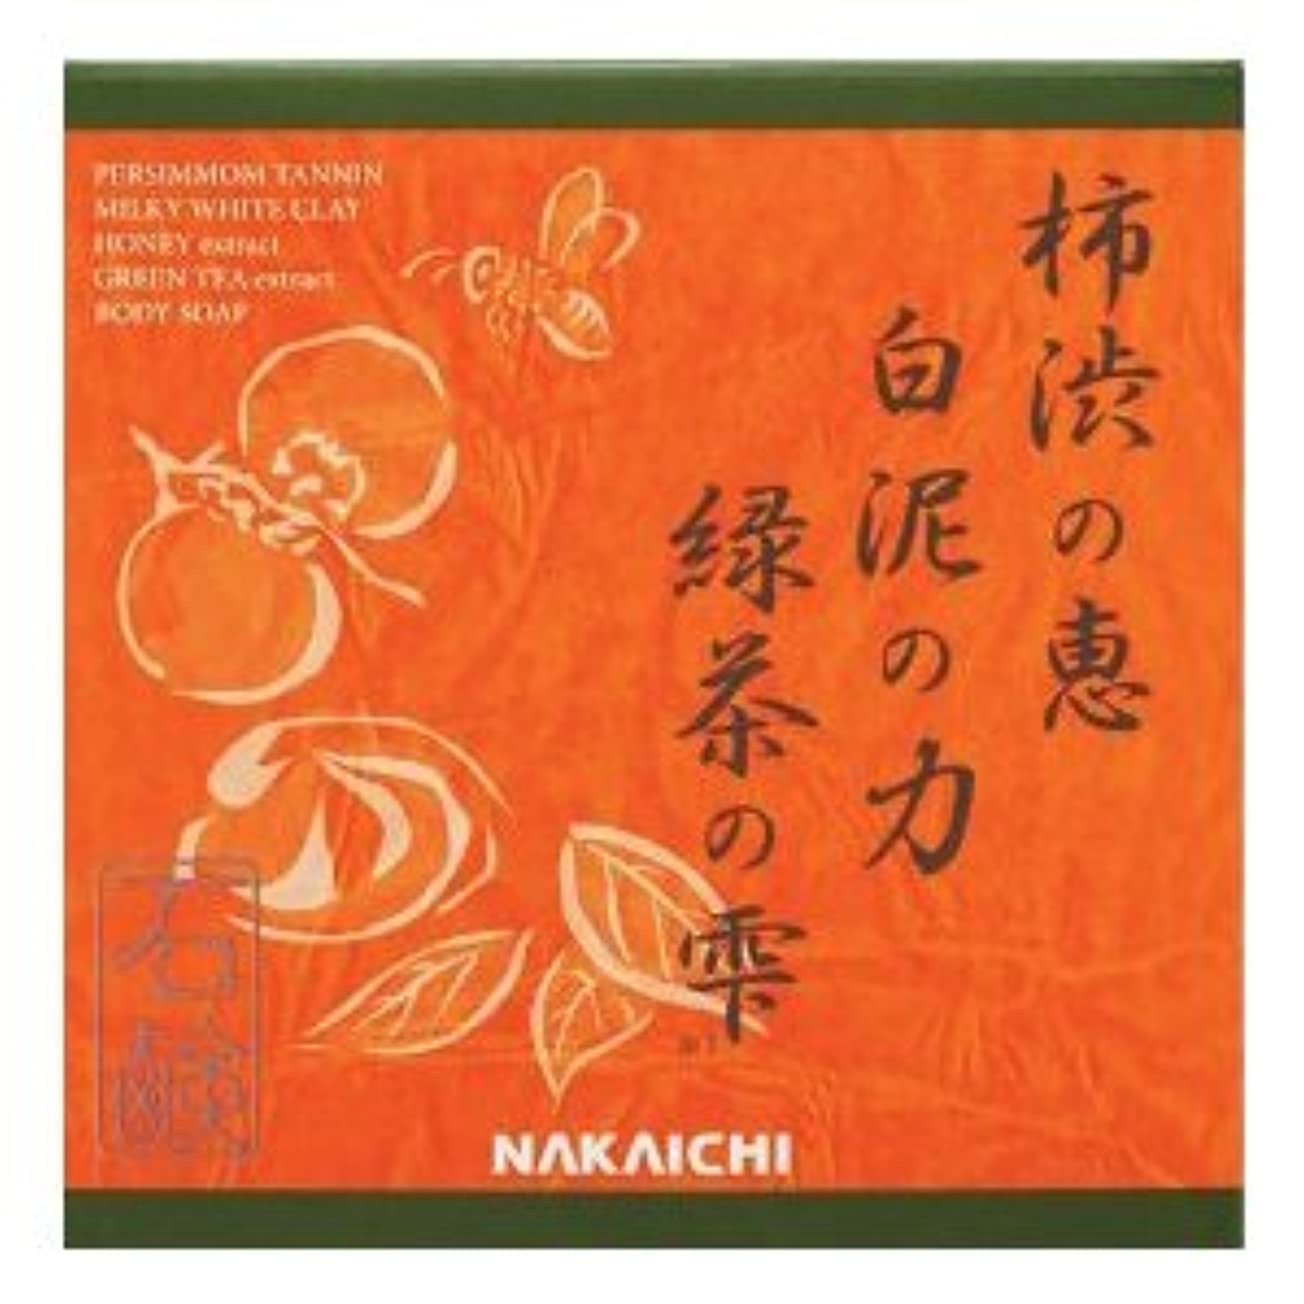 ベンチャー幸運弾薬柿渋の恵み?白泥の力?緑茶の雫  Nakaichi クリアボディーソープ  100g  (化粧品)